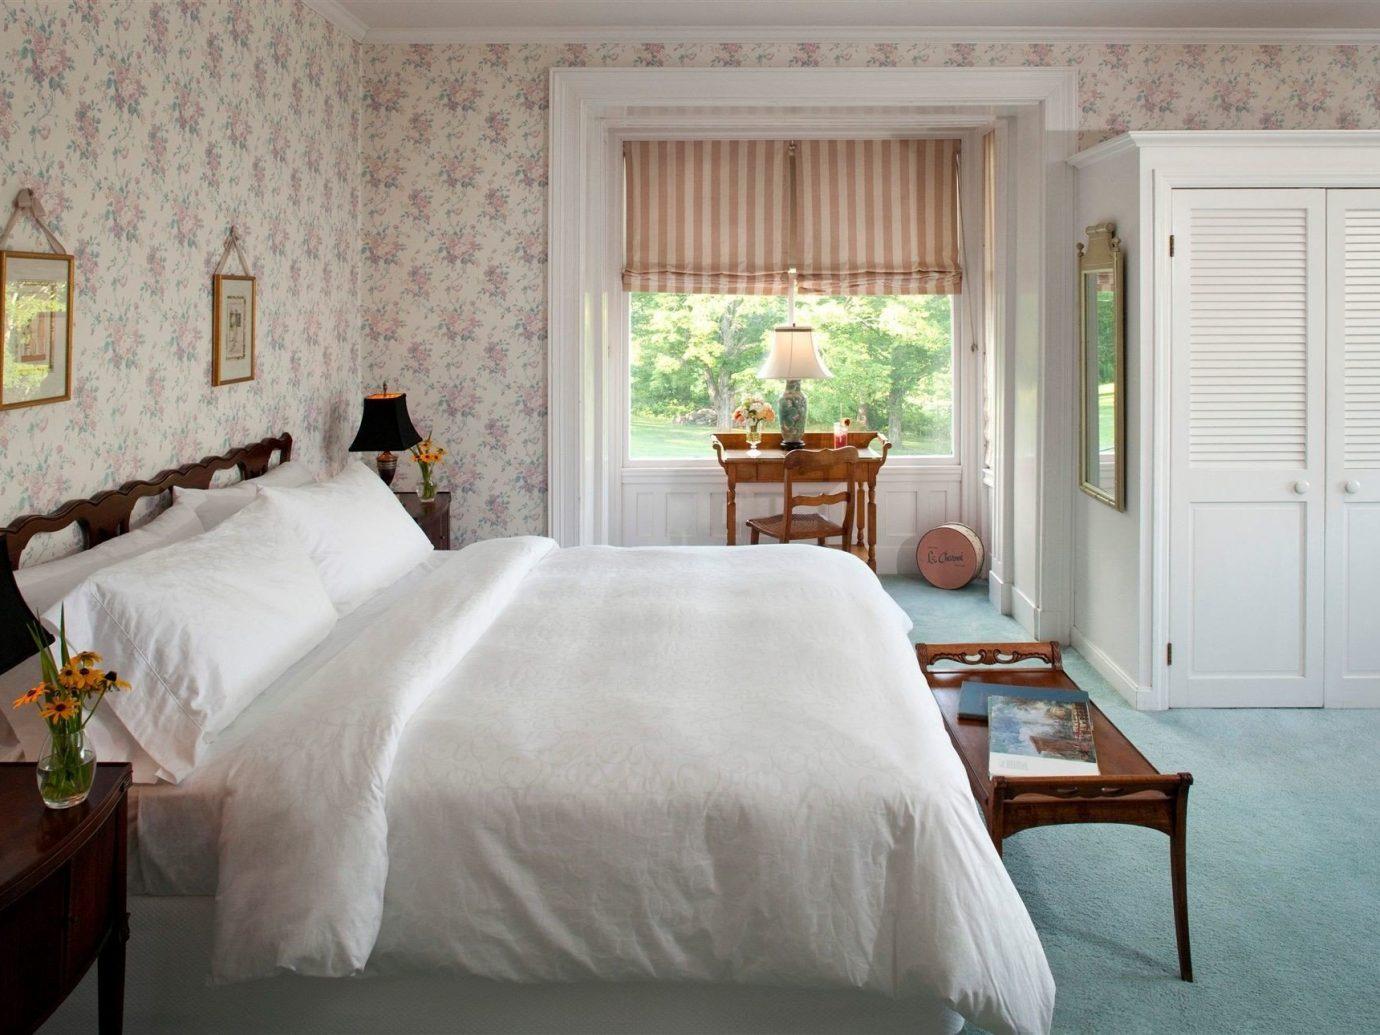 Hotels indoor wall floor room Bedroom bed window property interior design Suite cottage furniture estate hotel bed sheet bed frame real estate